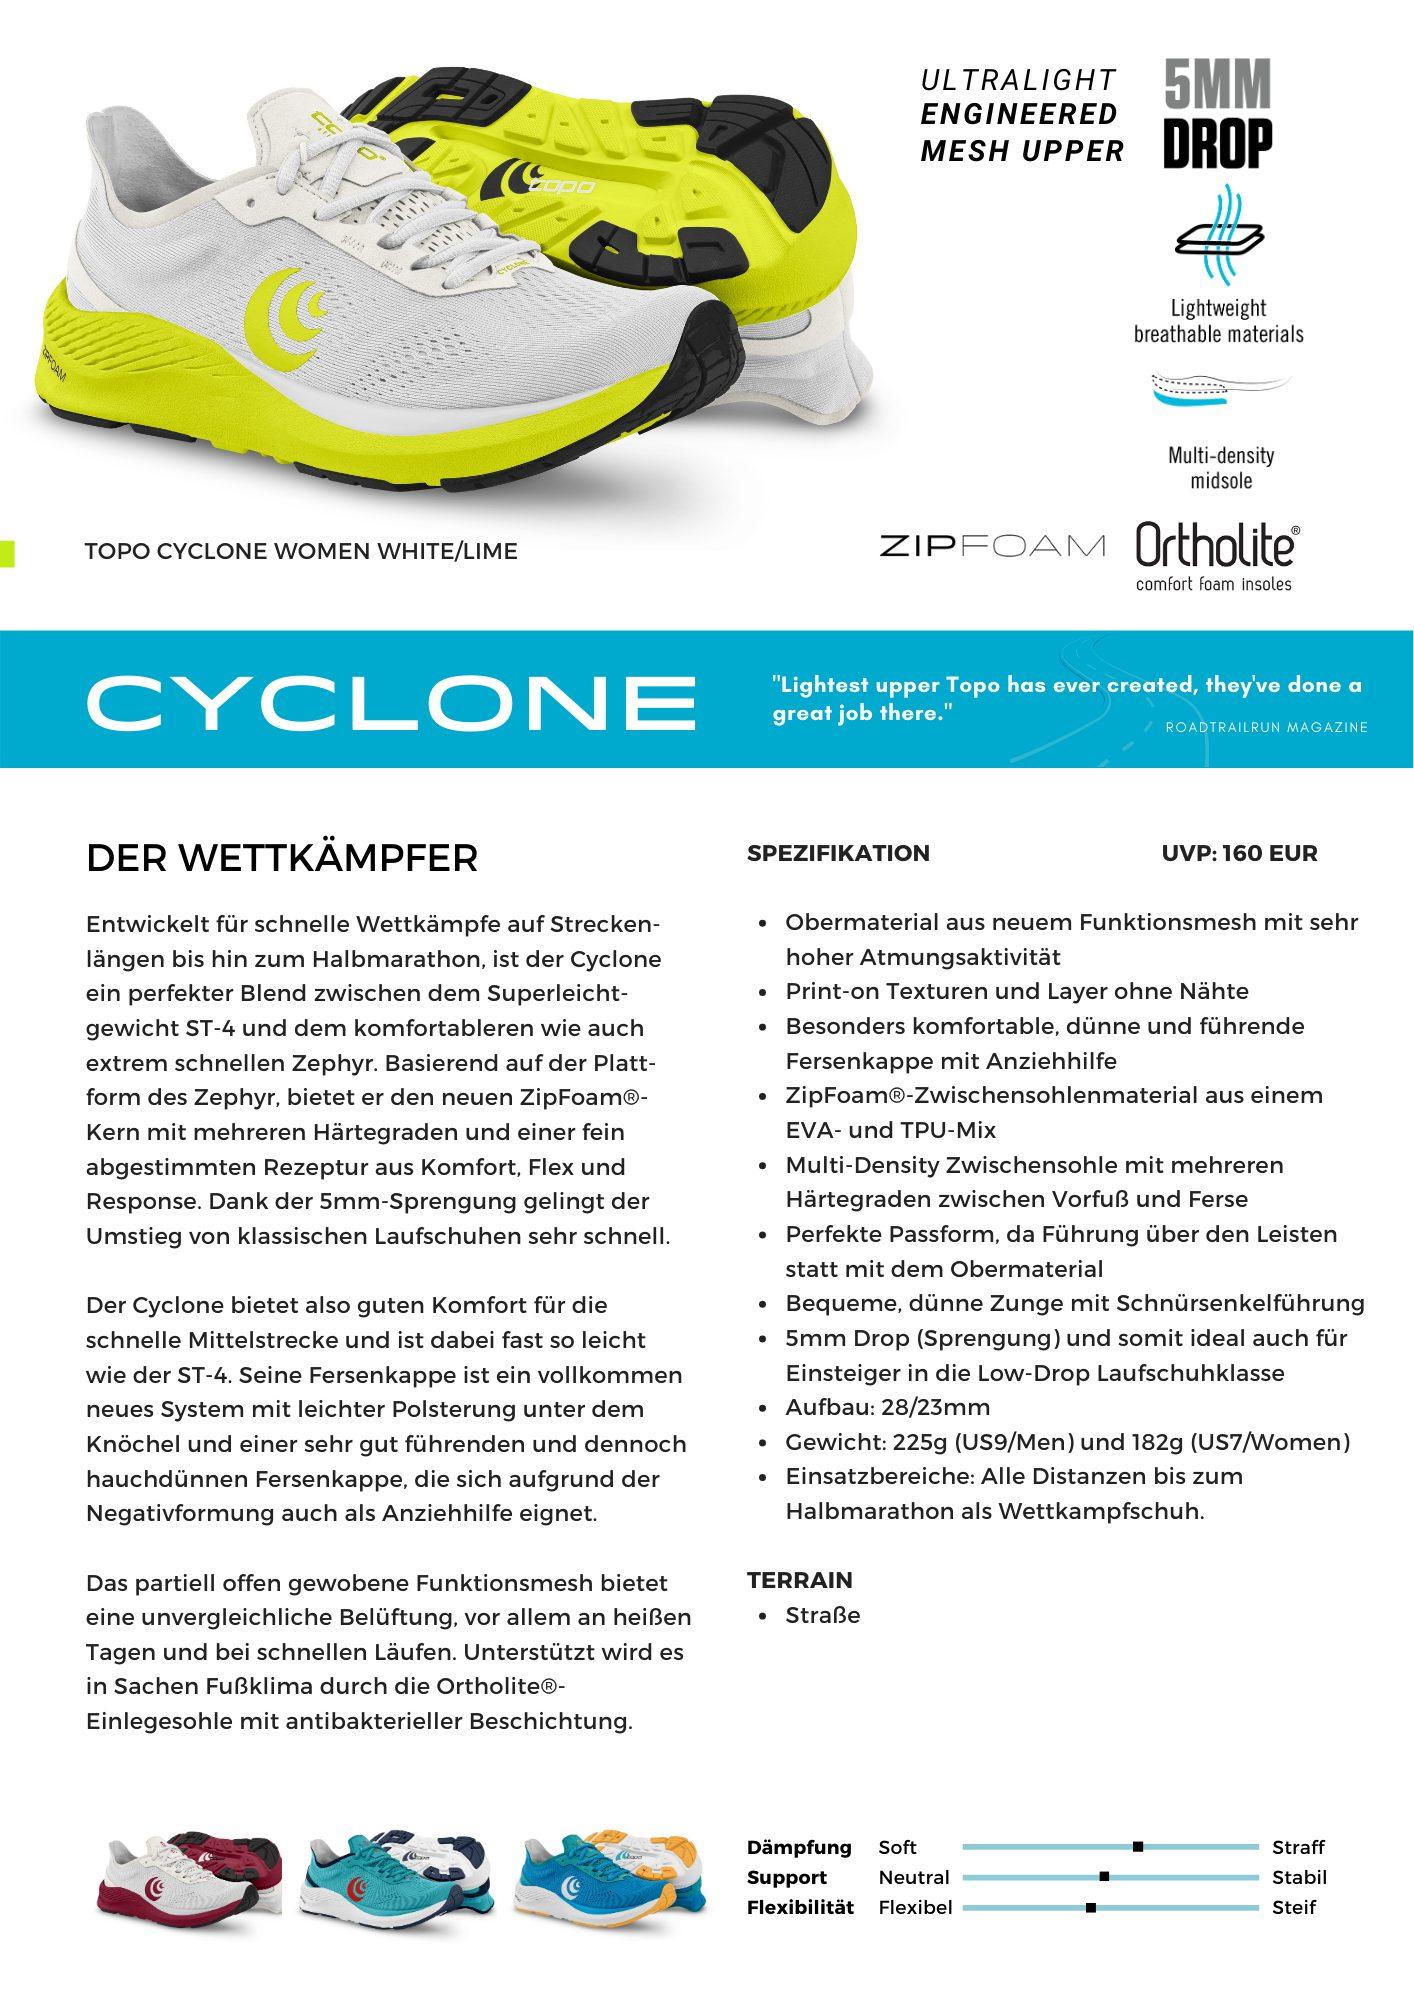 Topo Cyclone Datenblatt